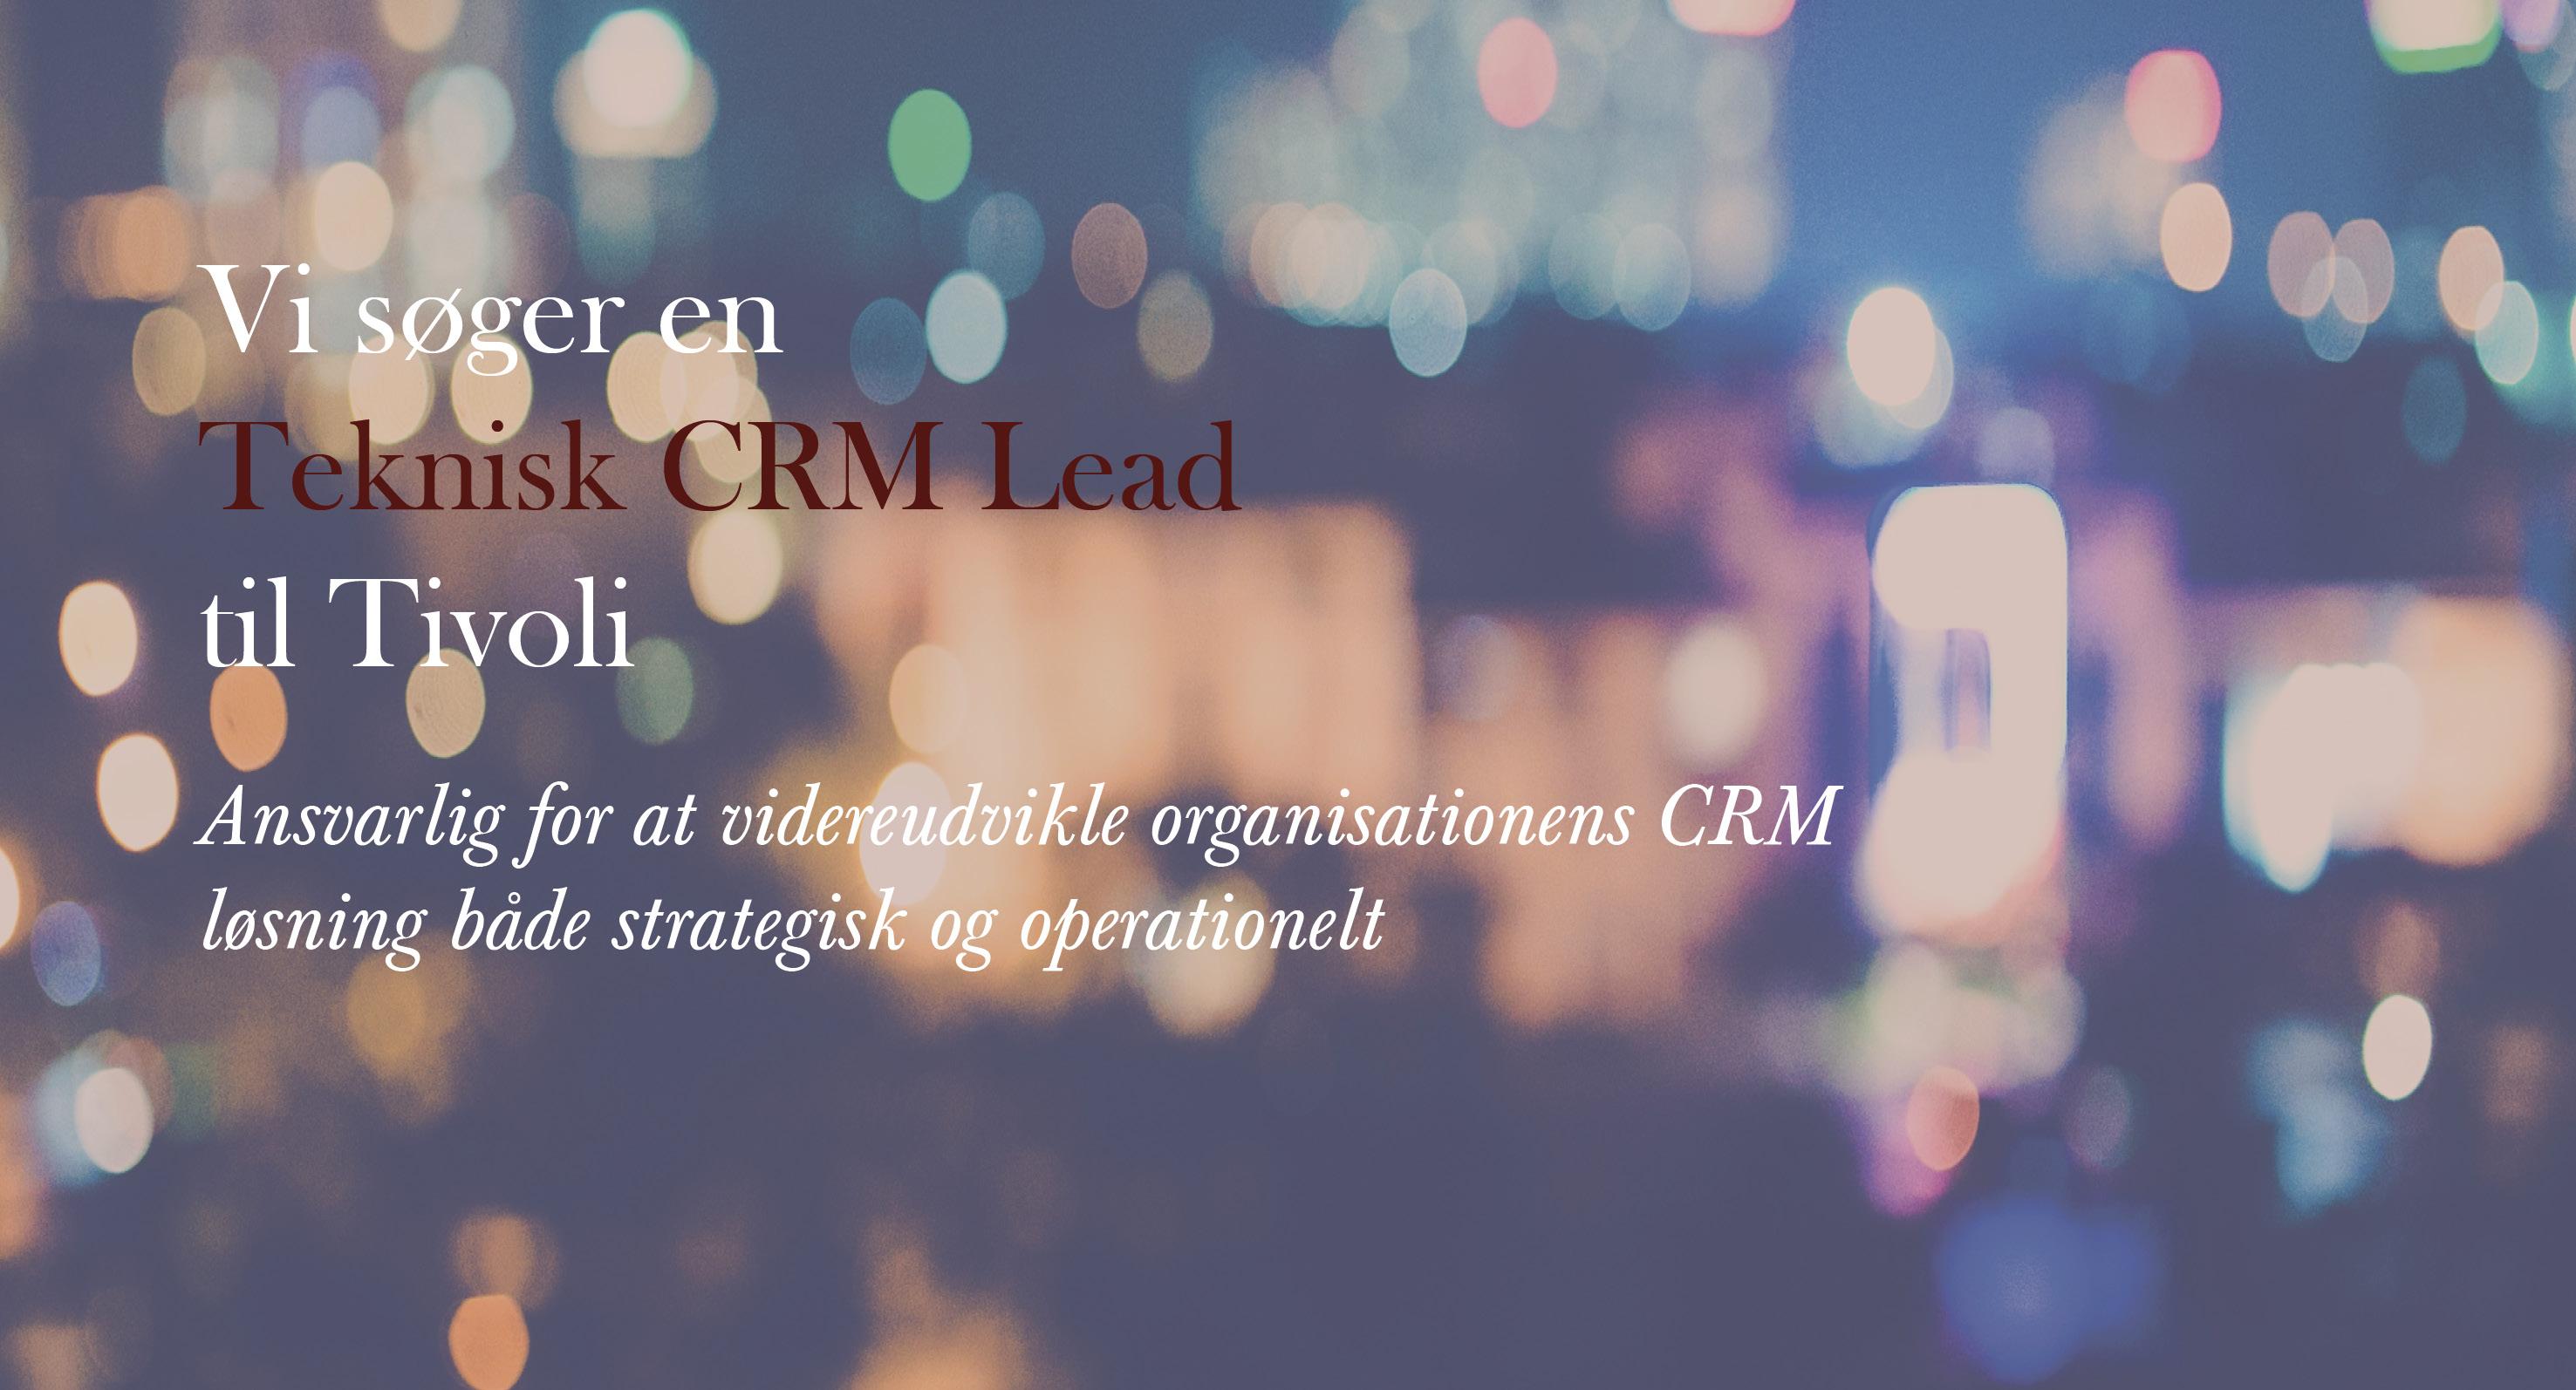 Teknisk CRM Lead - Tivoli